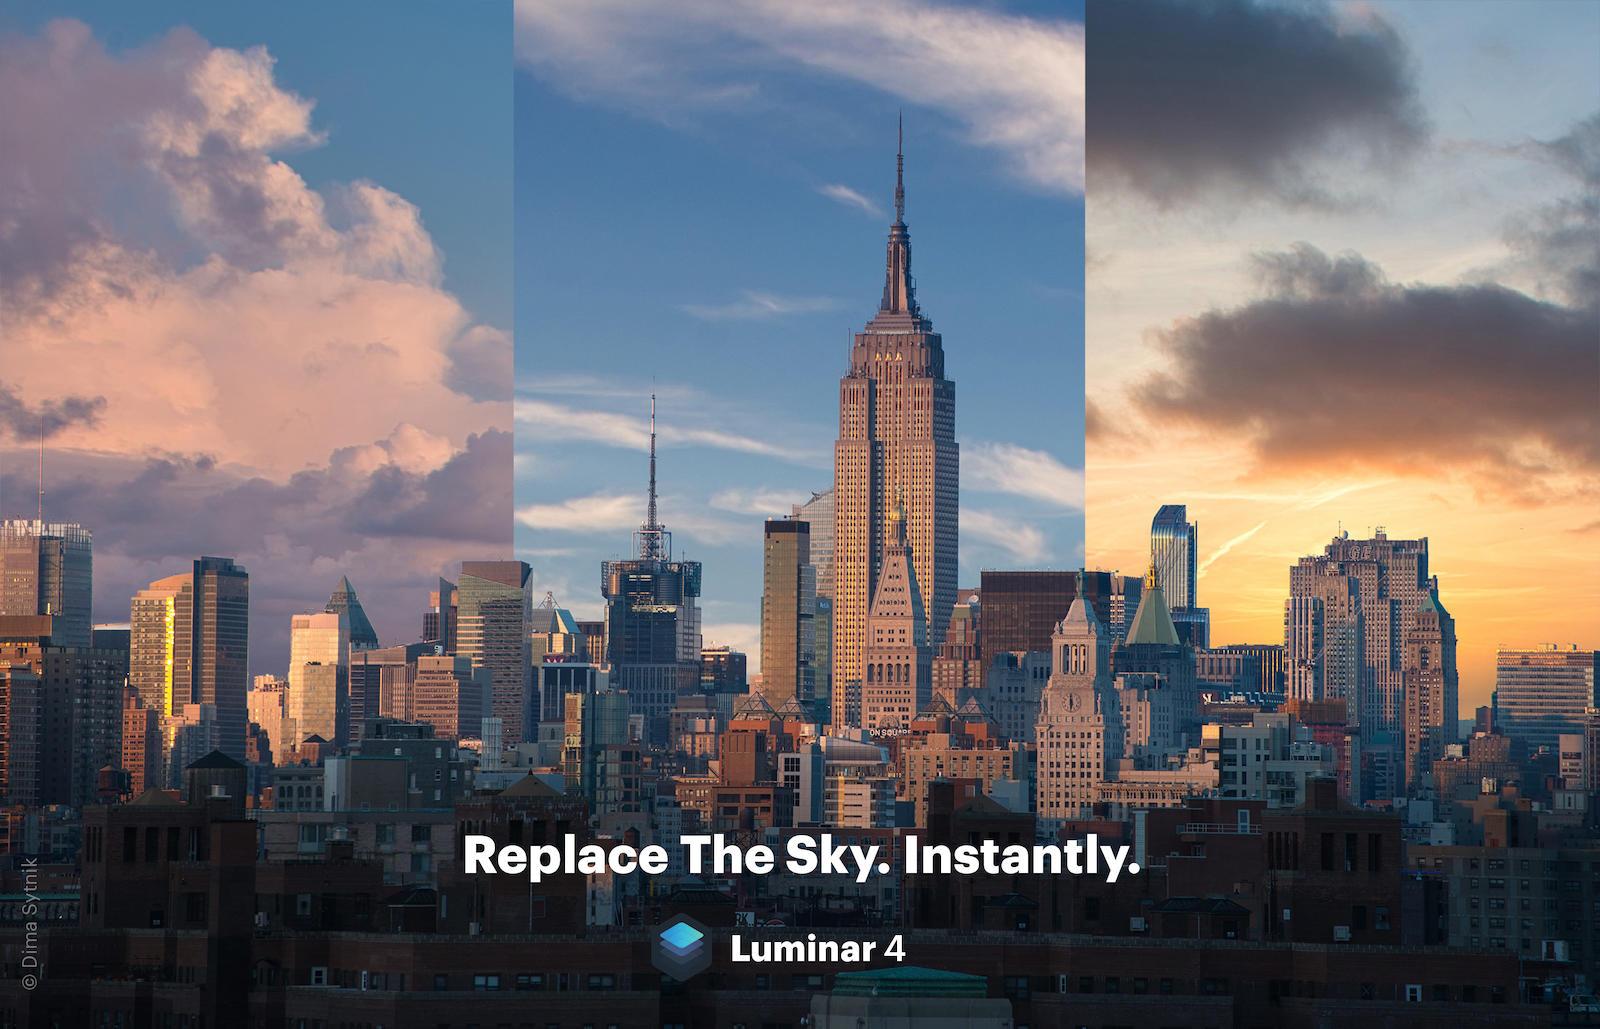 http://thedigitalstory.com/2019/07/23/AI%20Sky%20Replacement_1600px.jpg